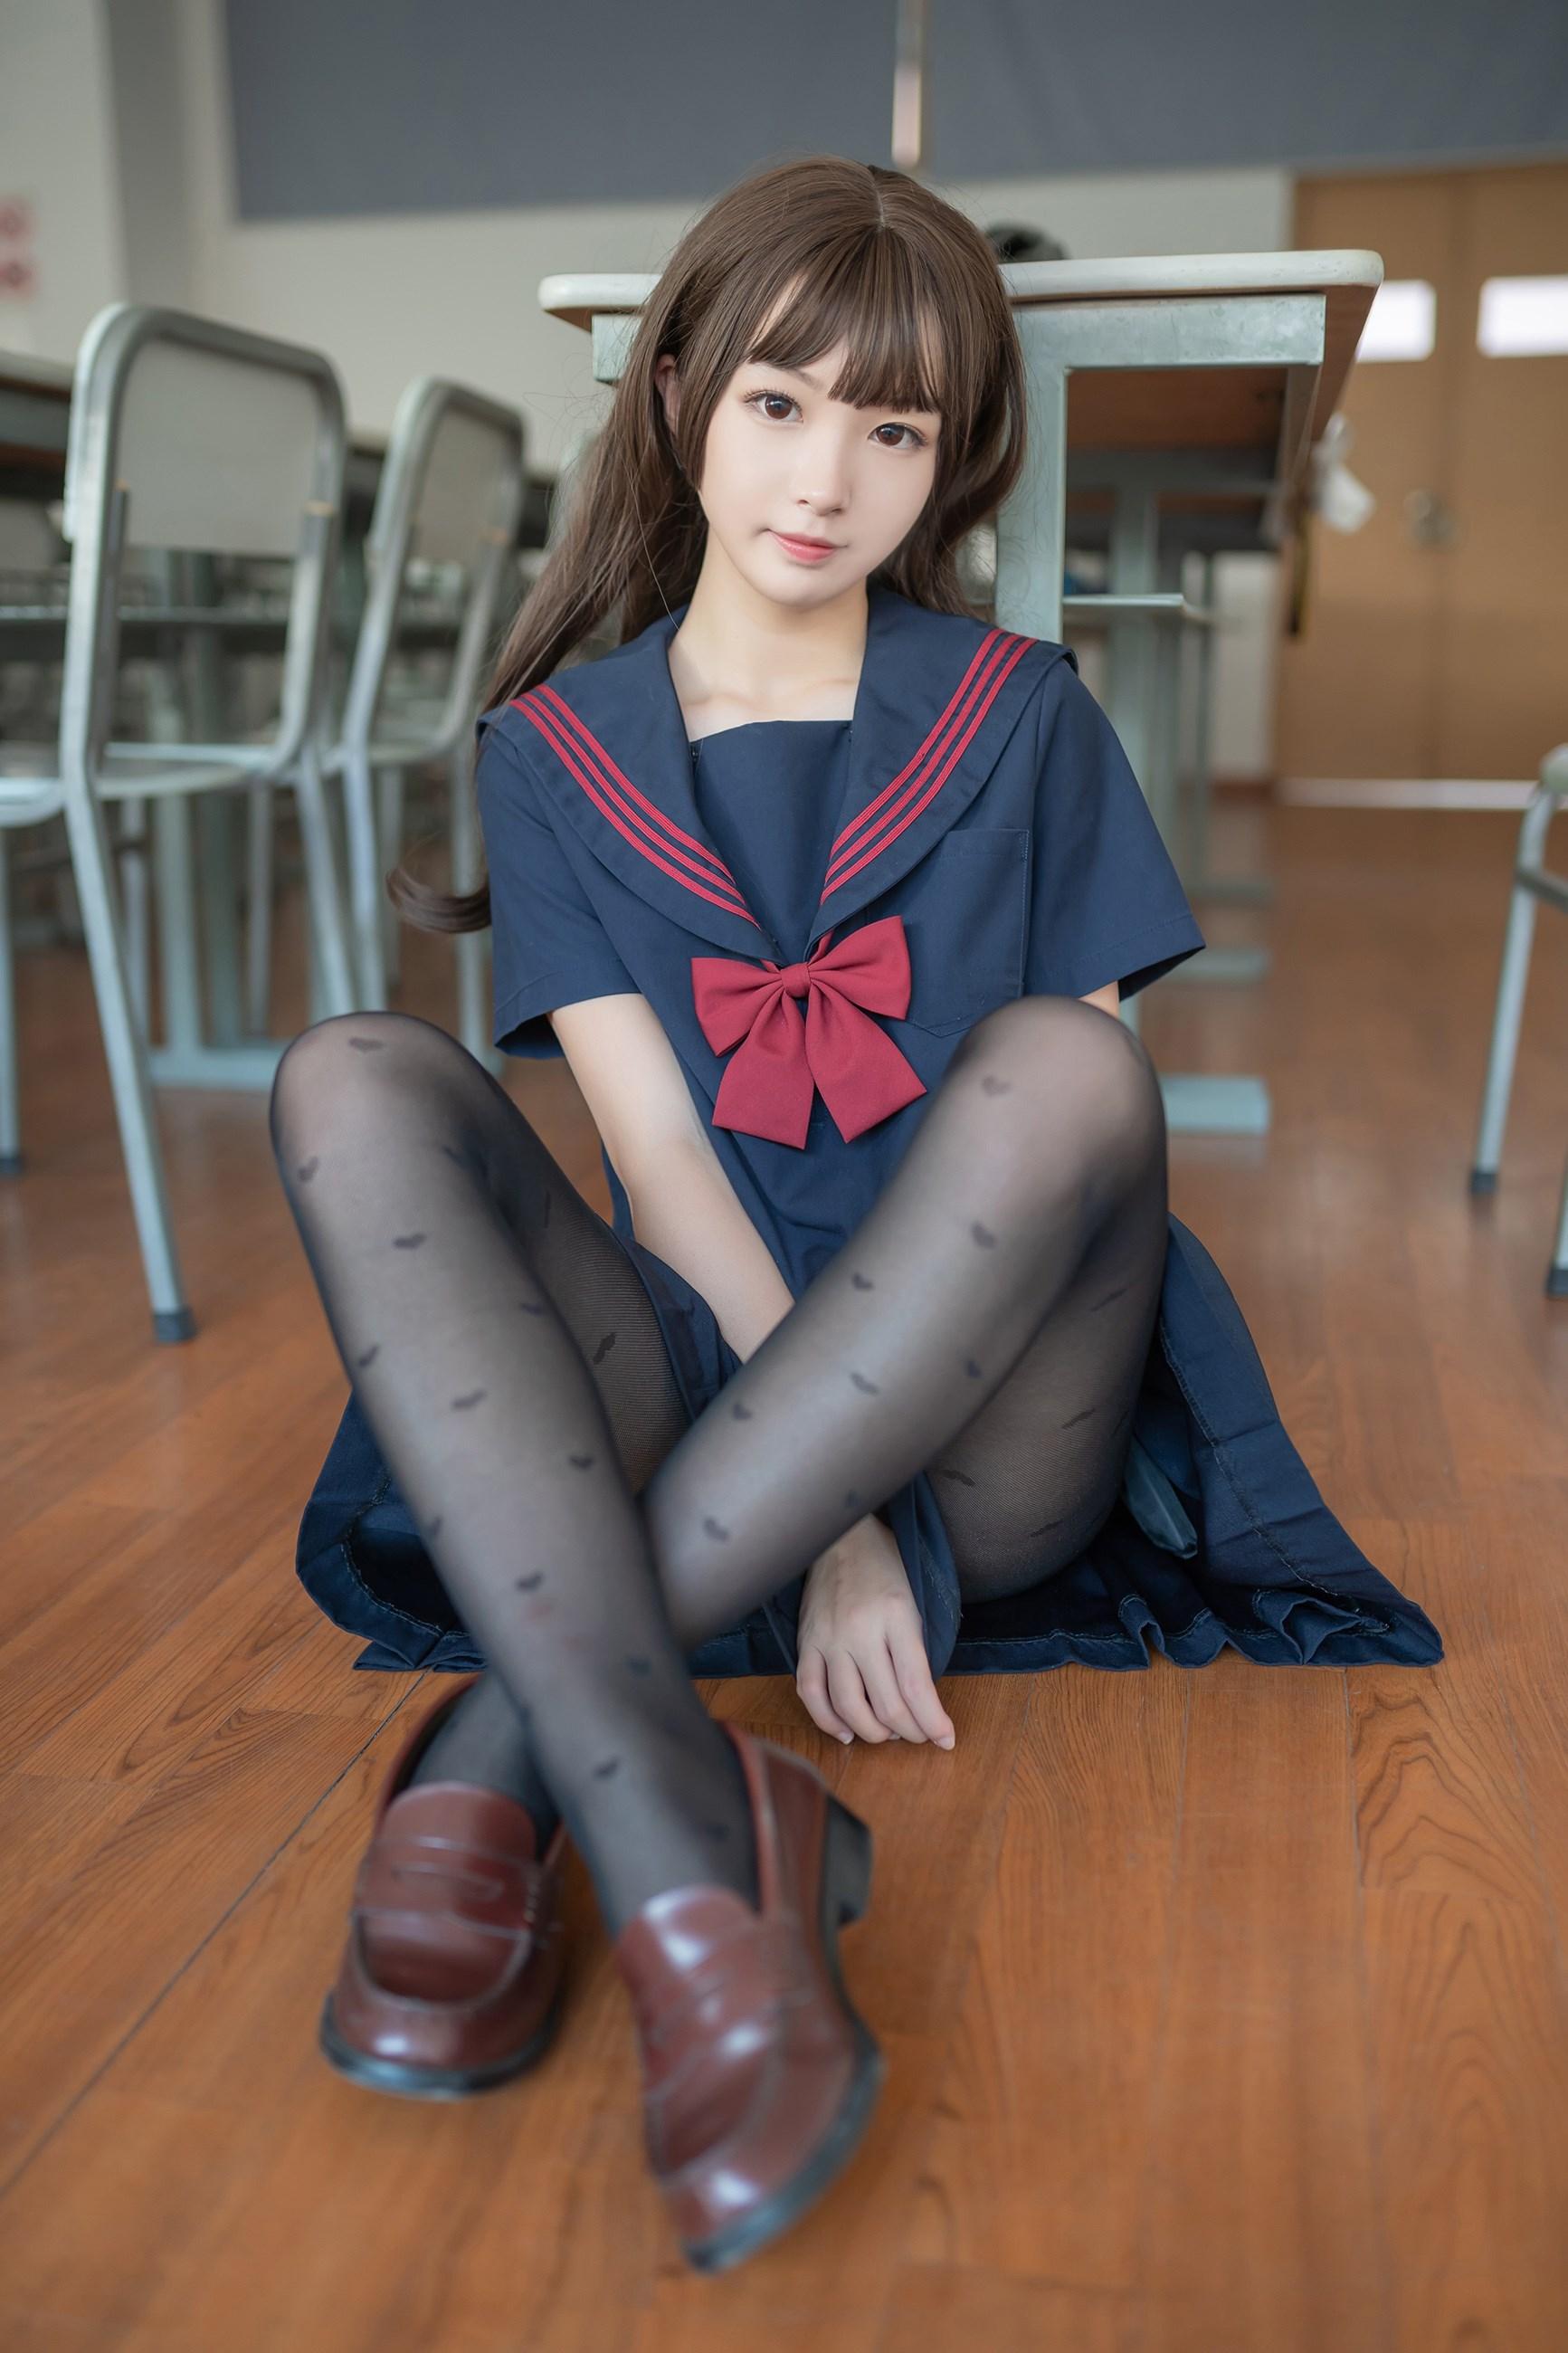 【兔玩映画】教室里的黑丝JK 兔玩映画 第1张